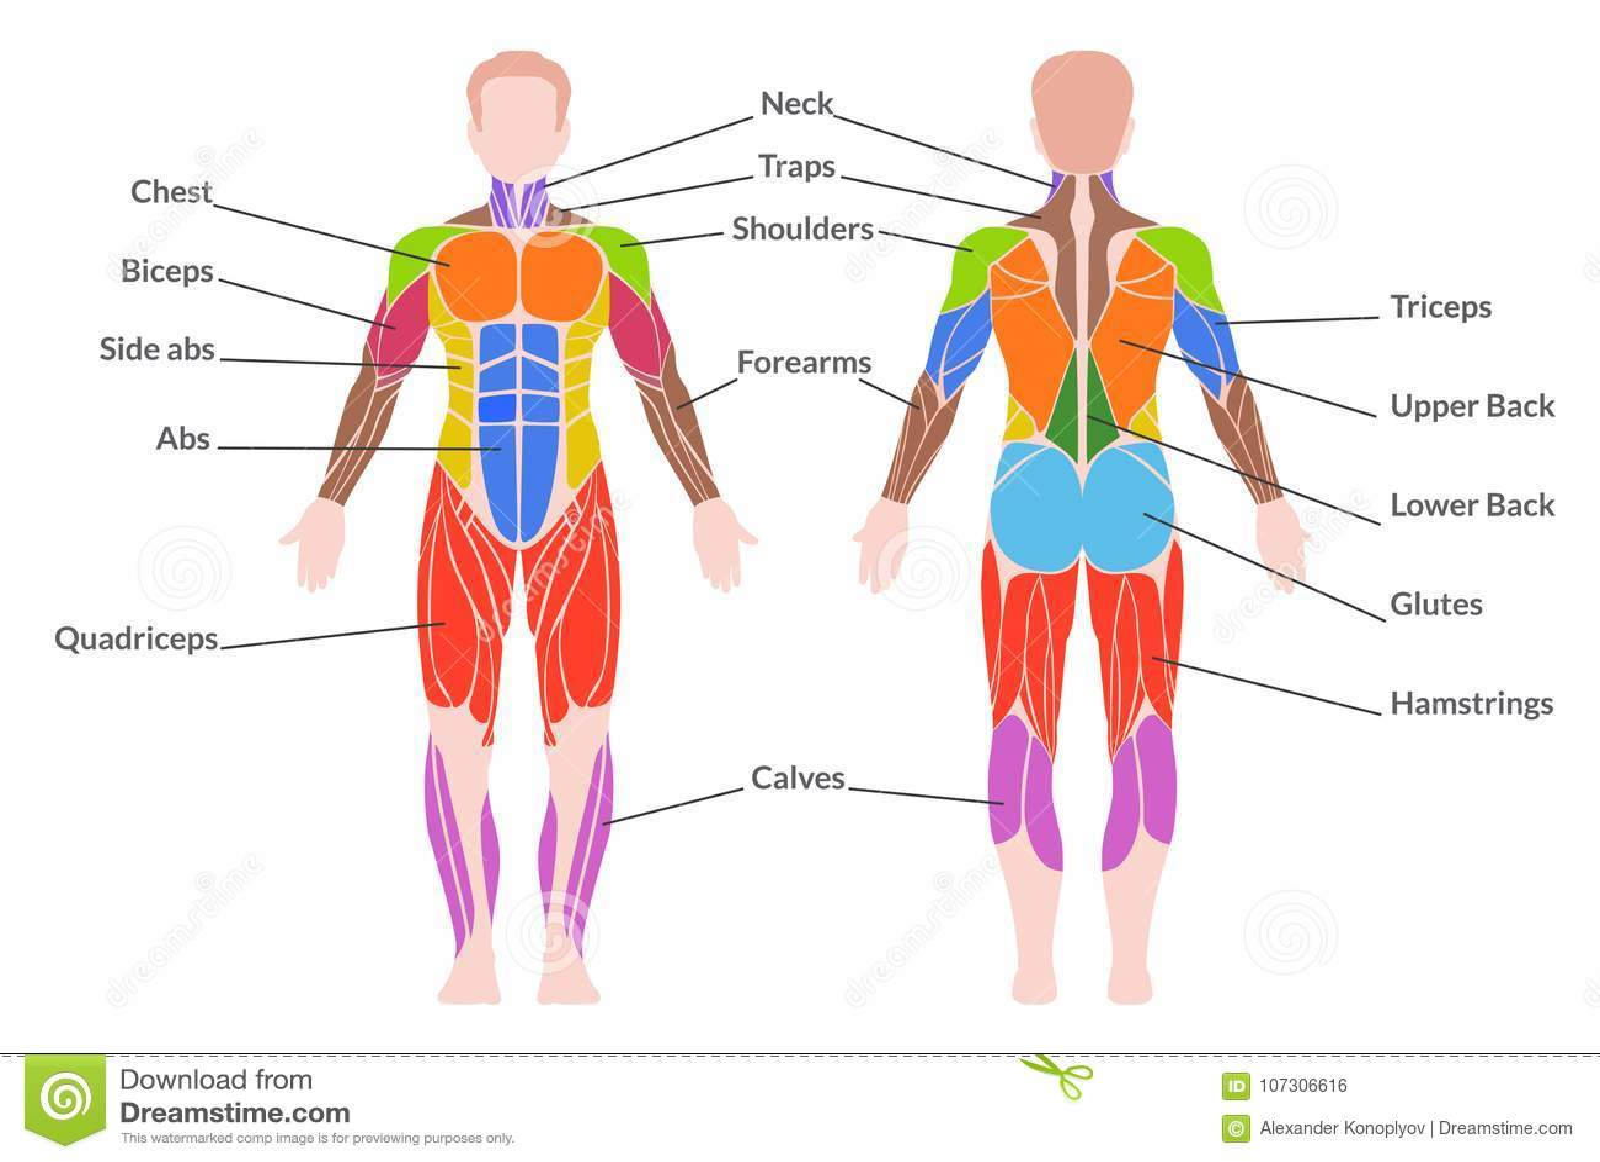 Sistema Muscular Humano Ilustraciones Stock, Vectores, Y Clipart ...